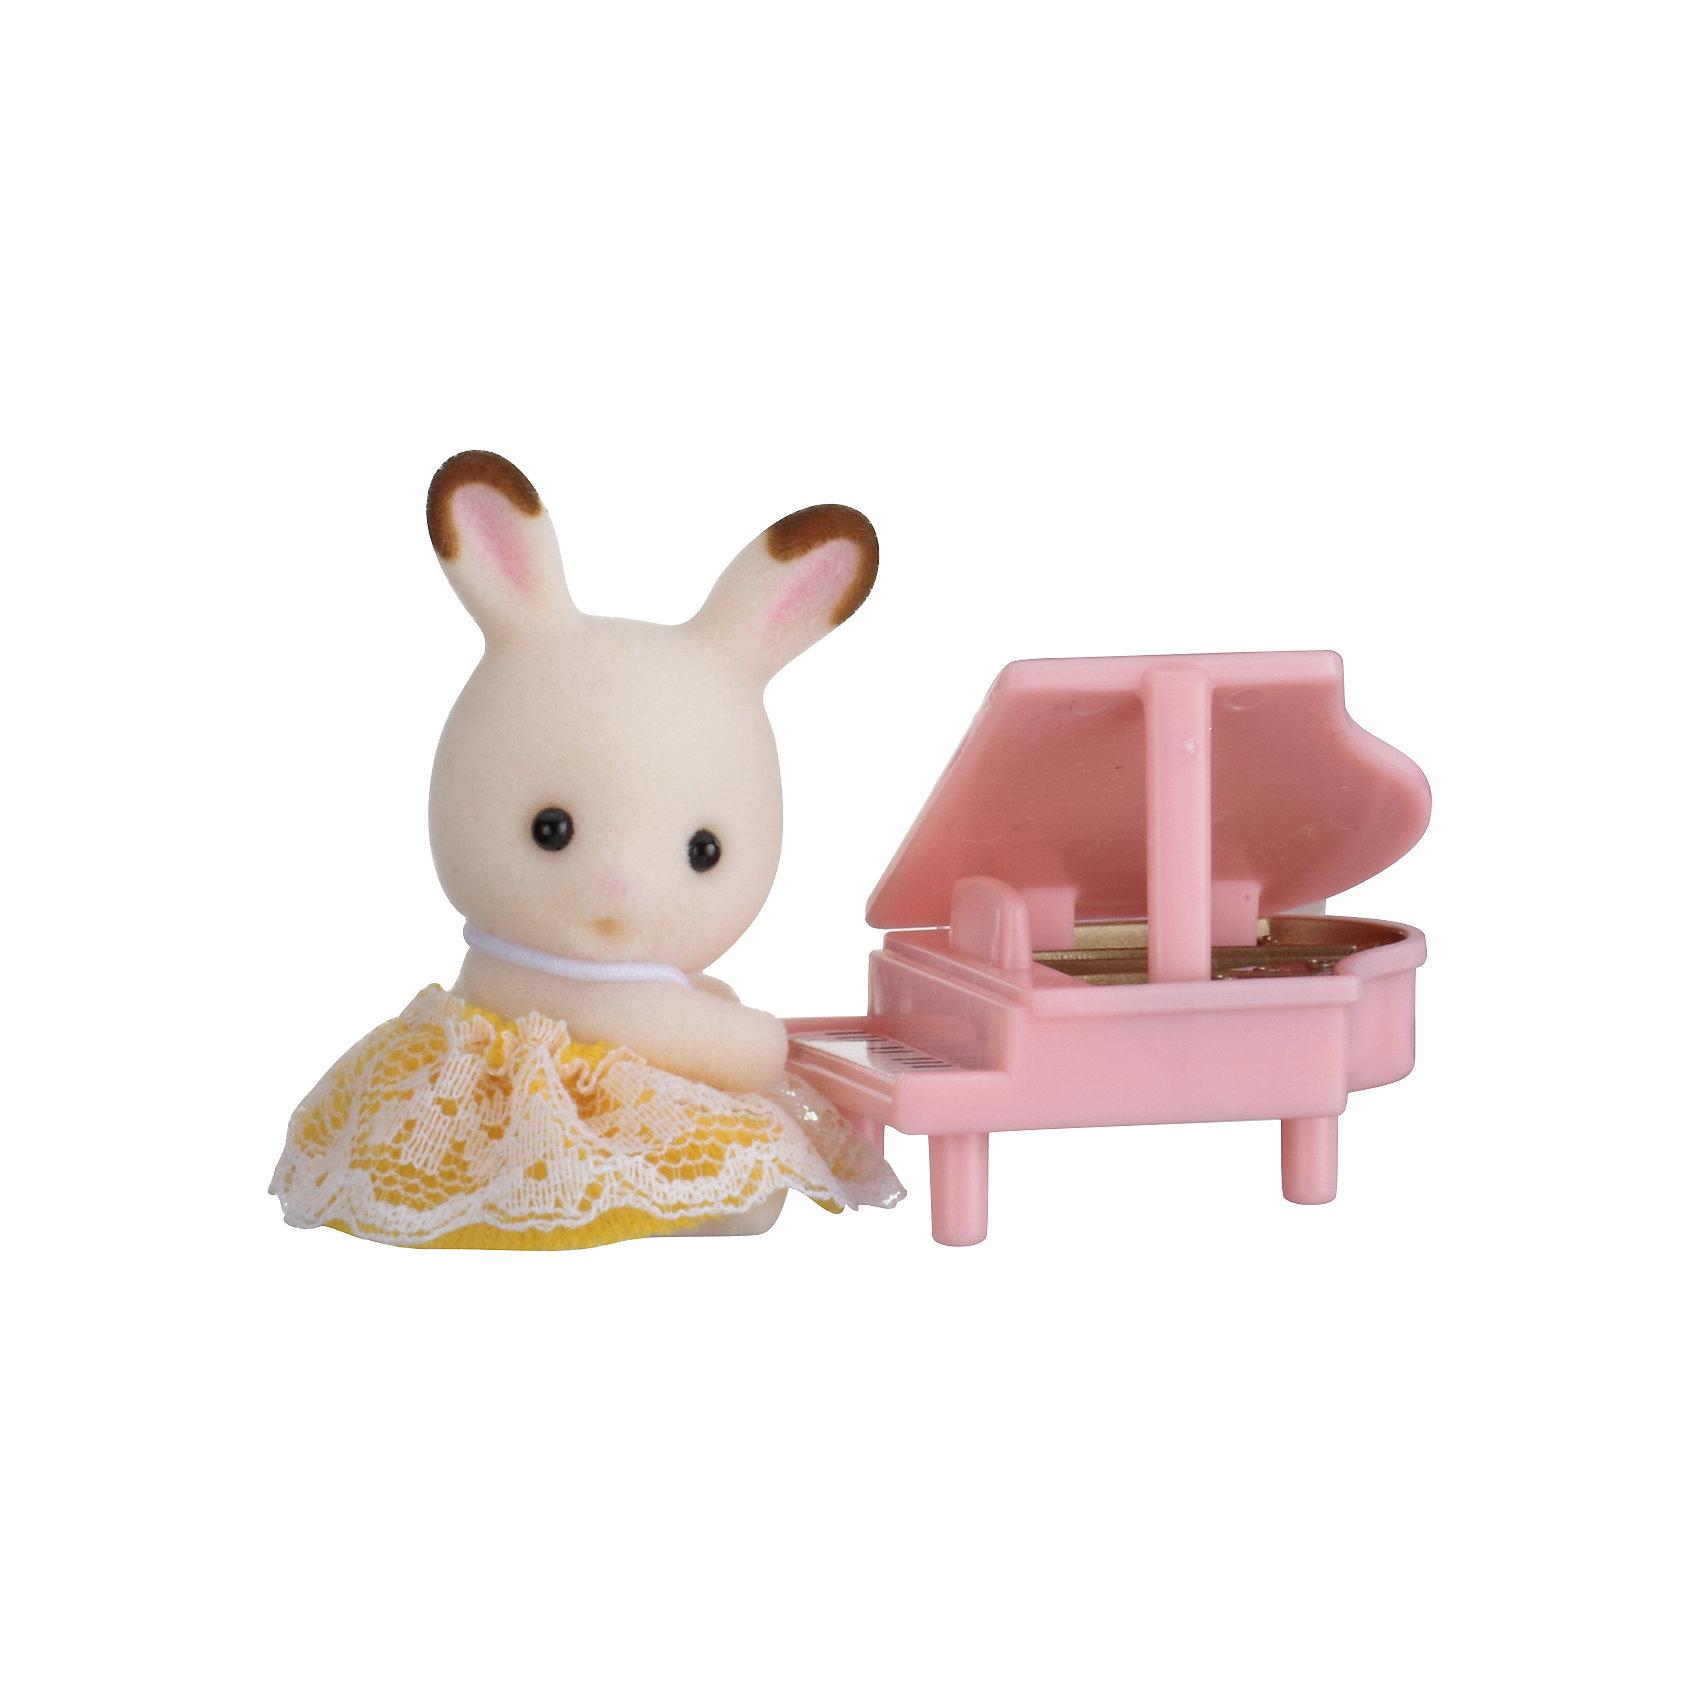 Набор Младенец в пластиковом сундучке  (кролик и рояль), Sylvanian FamiliesSylvanian Families<br>Sylvanian Families (Сильваниан Фэмилис) - целый мир, в котором живут маленькие милые зверята -  кролики, белки, медведи, лисы и многие другие. У каждого из них есть дом. Познакомься с малышом-кроликом, он еще совсем маленький, но уже учится играть на рояле. Игрушка прекрасно подходит для сюжетно-ролевых игр детей, развивает социальные навыки, мелкую моторику и воображение. Все детали набора выполнены их высококачественных, нетоксичных безопасных материалов. <br><br>Дополнительная информация:<br><br>- Комплектация: малыш-кролик, рояль.<br>- Материал: пластик, текстиль, флок.<br>- Голова и лапки поворачиваются.<br><br>Набор Младенец в пластиковом сундучке  (кролик и рояль), Sylvanian Families (Сильваниан Фэмилис), можно купить в нашем магазине.<br><br>Ширина мм: 275<br>Глубина мм: 267<br>Высота мм: 512<br>Вес г: 119<br>Возраст от месяцев: 36<br>Возраст до месяцев: 72<br>Пол: Женский<br>Возраст: Детский<br>SKU: 4177967